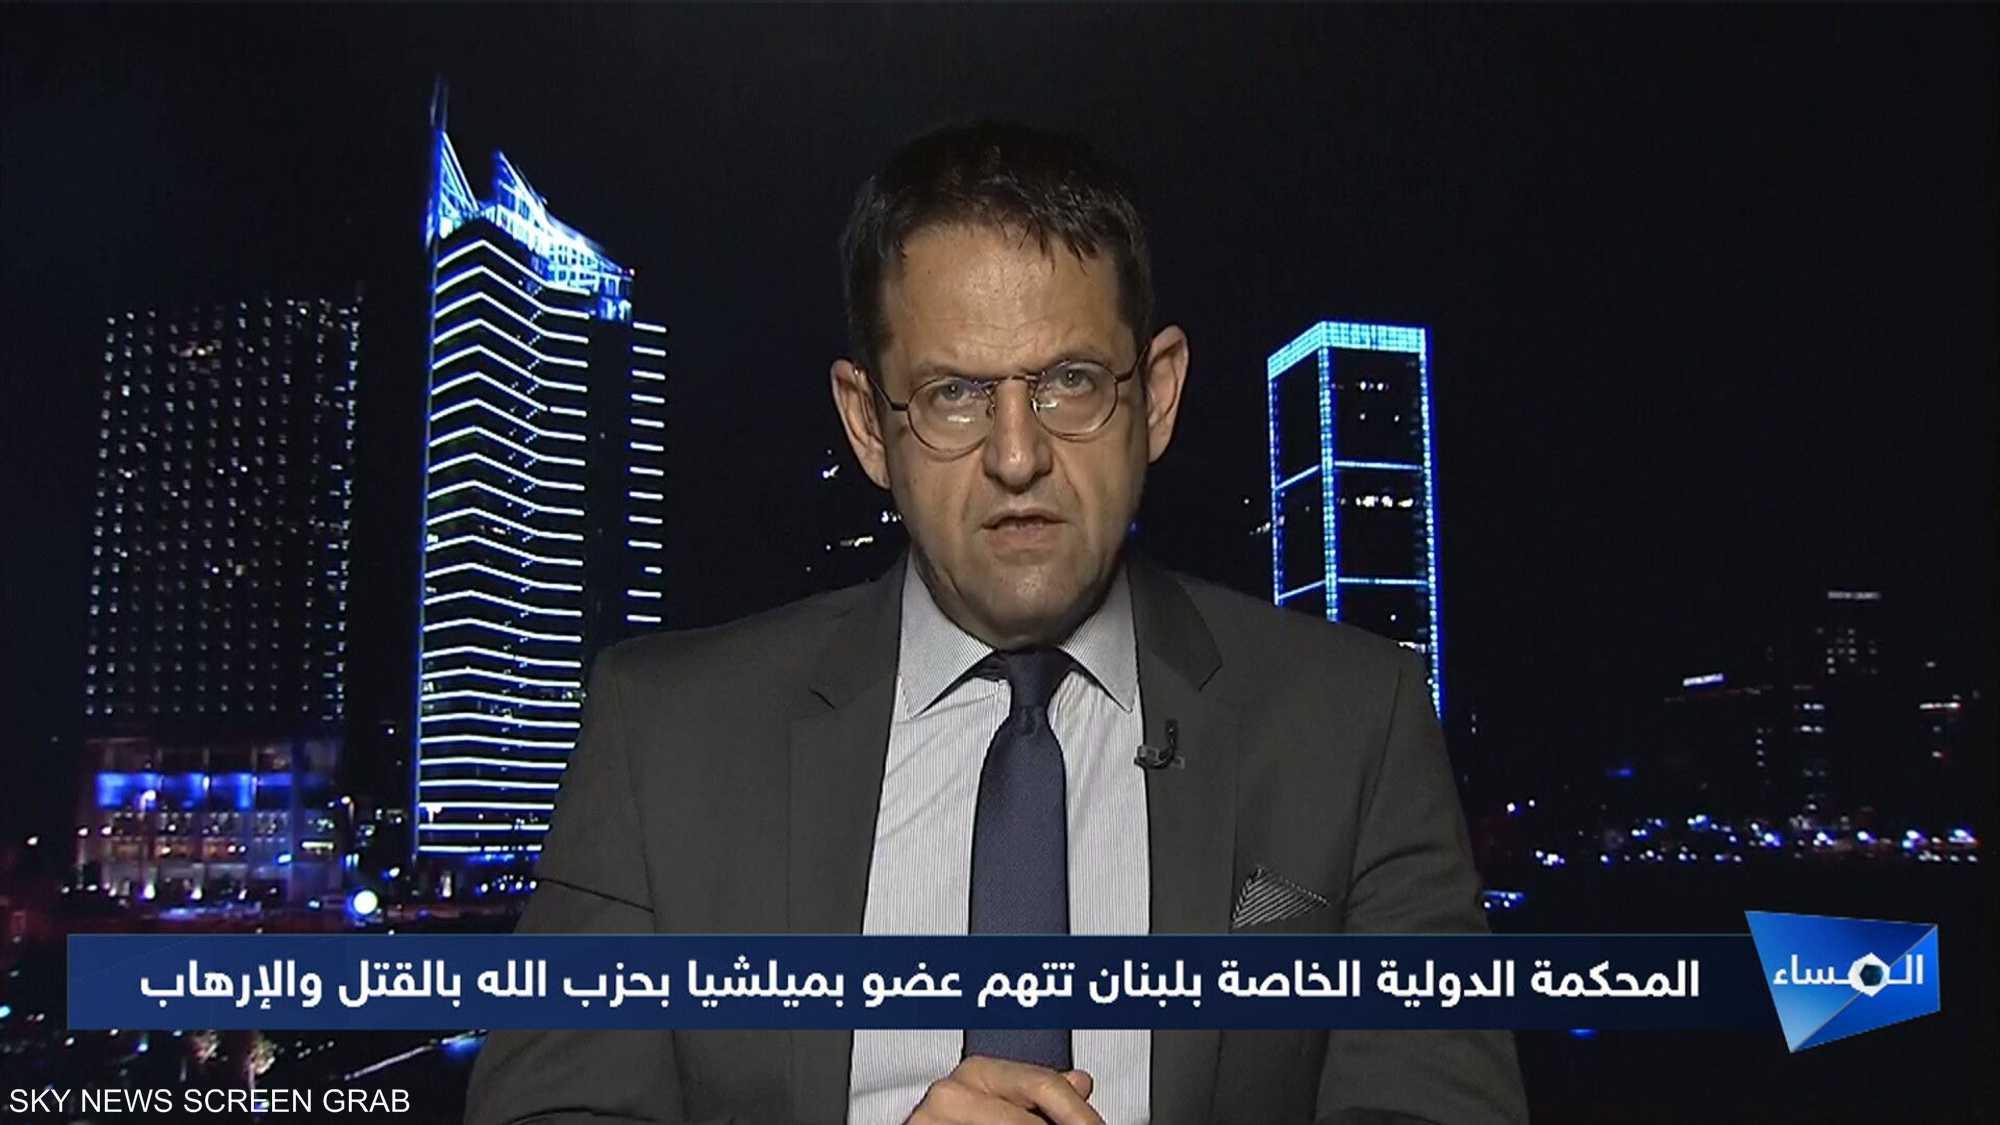 مصرف لبنان يحذر من التعامل مع بنك الجمال